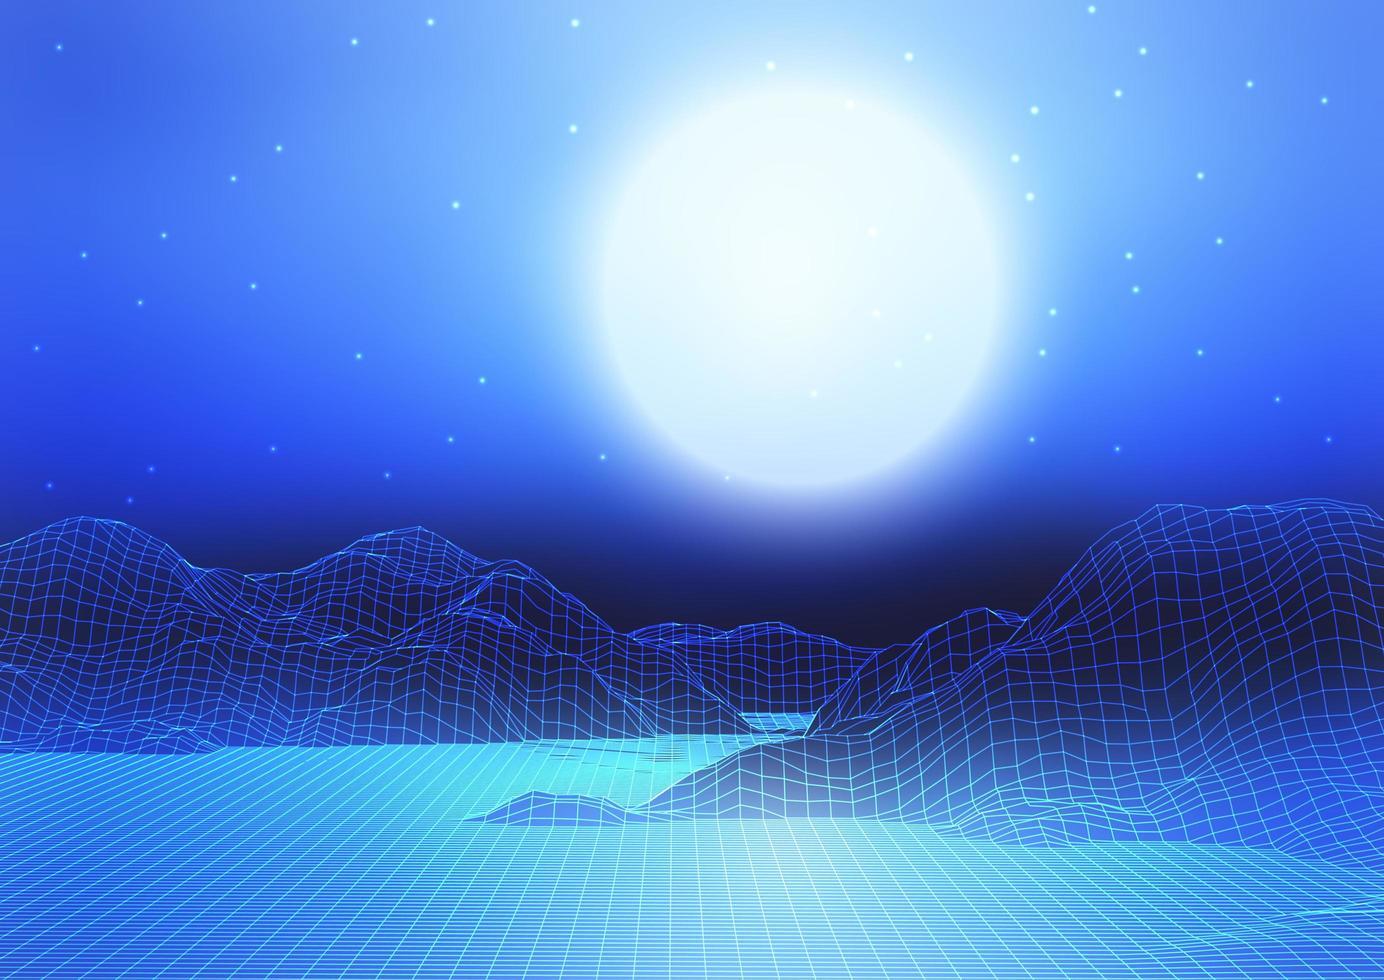 abstrakt wireframe-landskap med måne och stjärnhimmel vektor